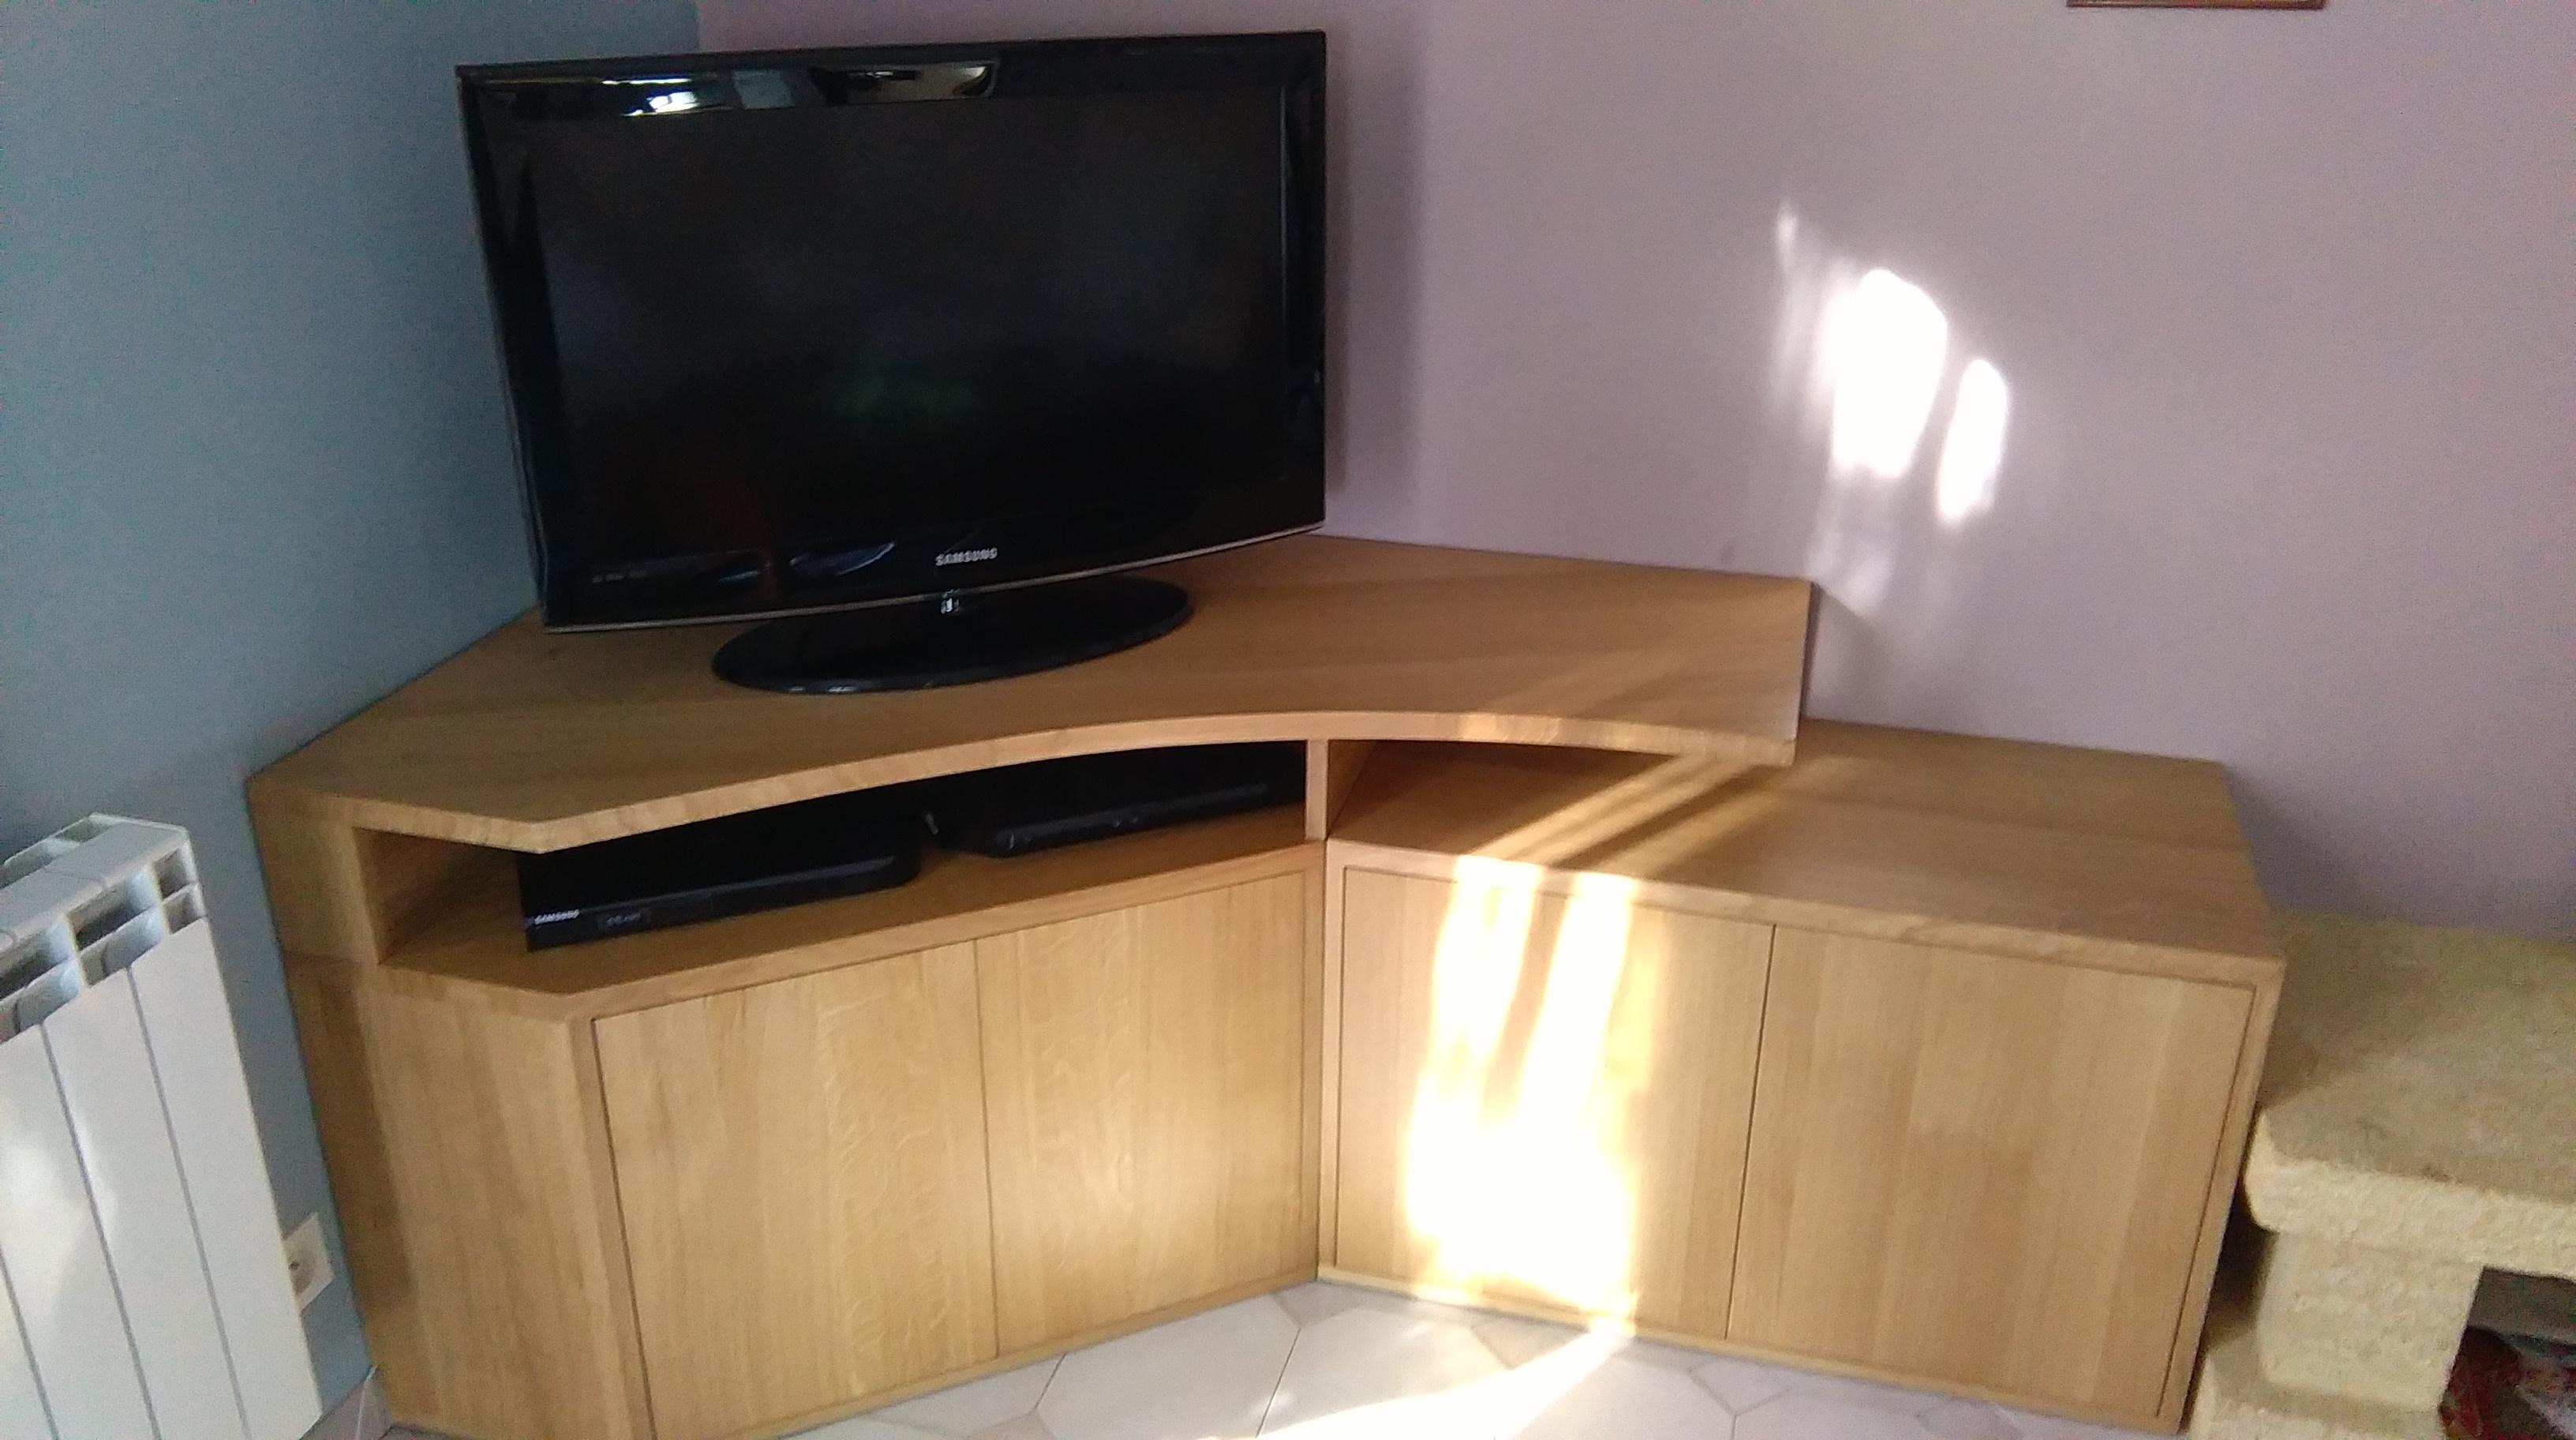 conception et fabrication d un meuble tv d angle sur mesure en ch ne massif eb 39 hen david. Black Bedroom Furniture Sets. Home Design Ideas